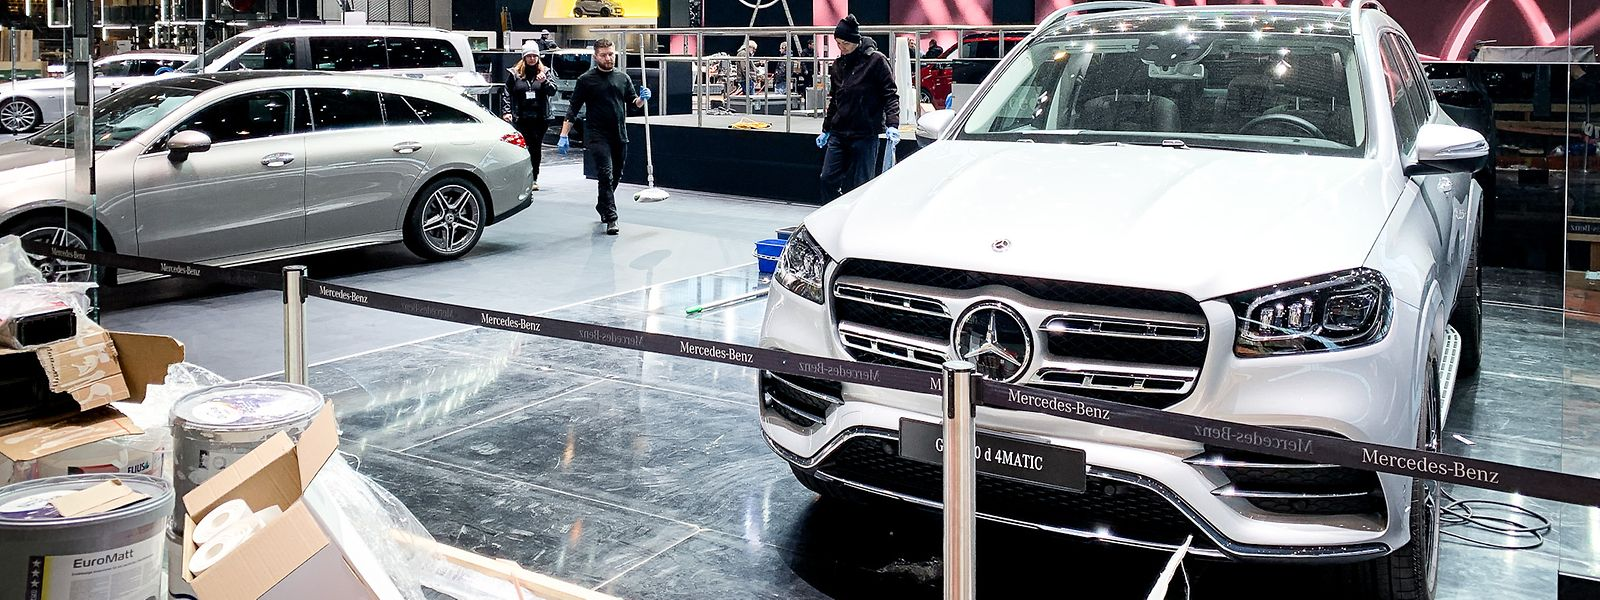 Der für den 90. Genfer Autosalon vorbereitete Stand von Mercedes-Benz im Palexpo. Der Genfer Autosalon fällt dem Corona-Virus zum Opfer.